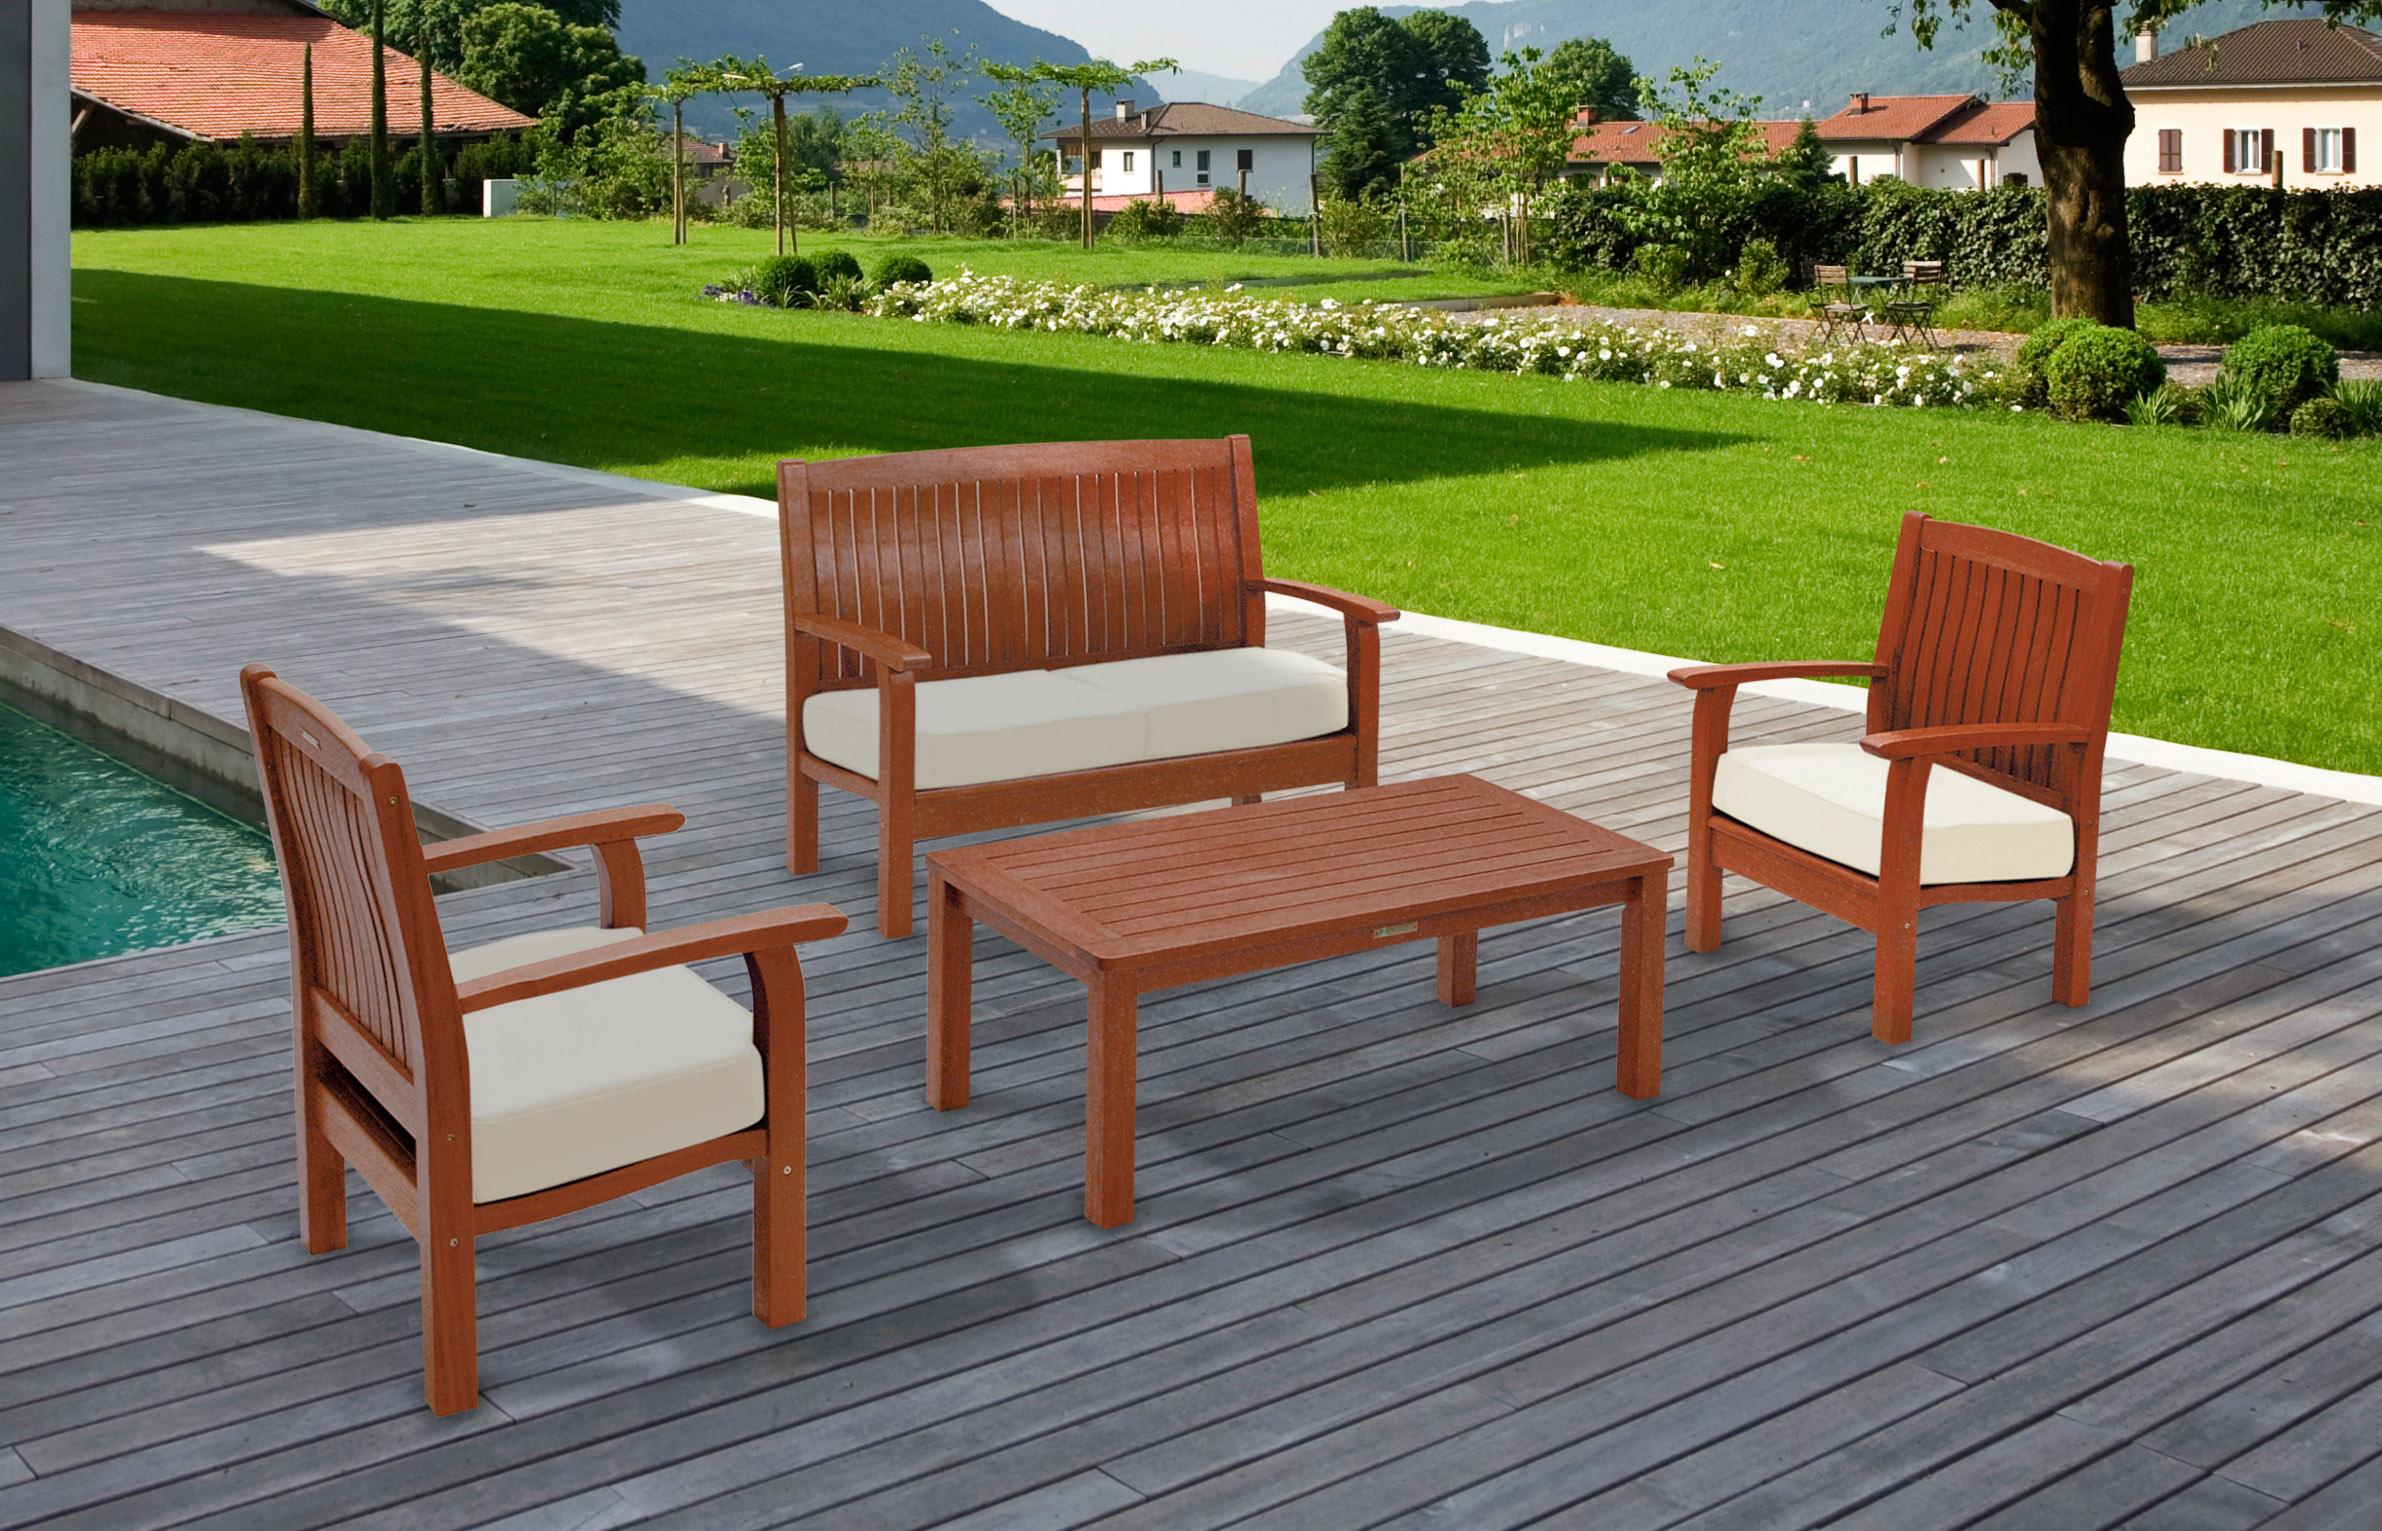 Mobili per esterno in legno : Arredo giardino in legno prezzi ~ mobilia la tua casa